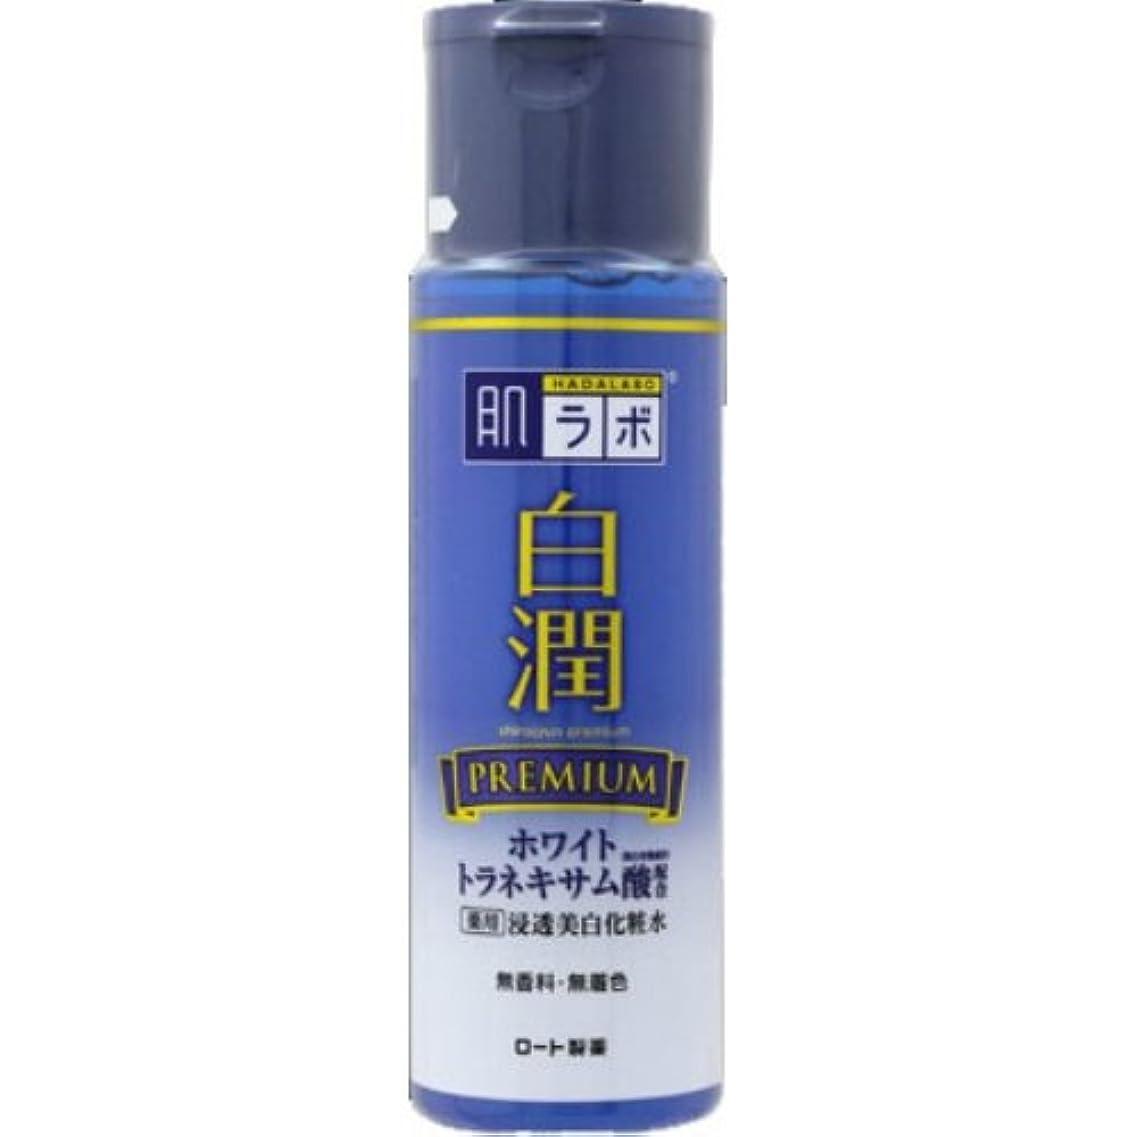 カルシウム共産主義を除く肌ラボ 白潤プレミアム 薬用浸透美白化粧水 170mL × 5個セット